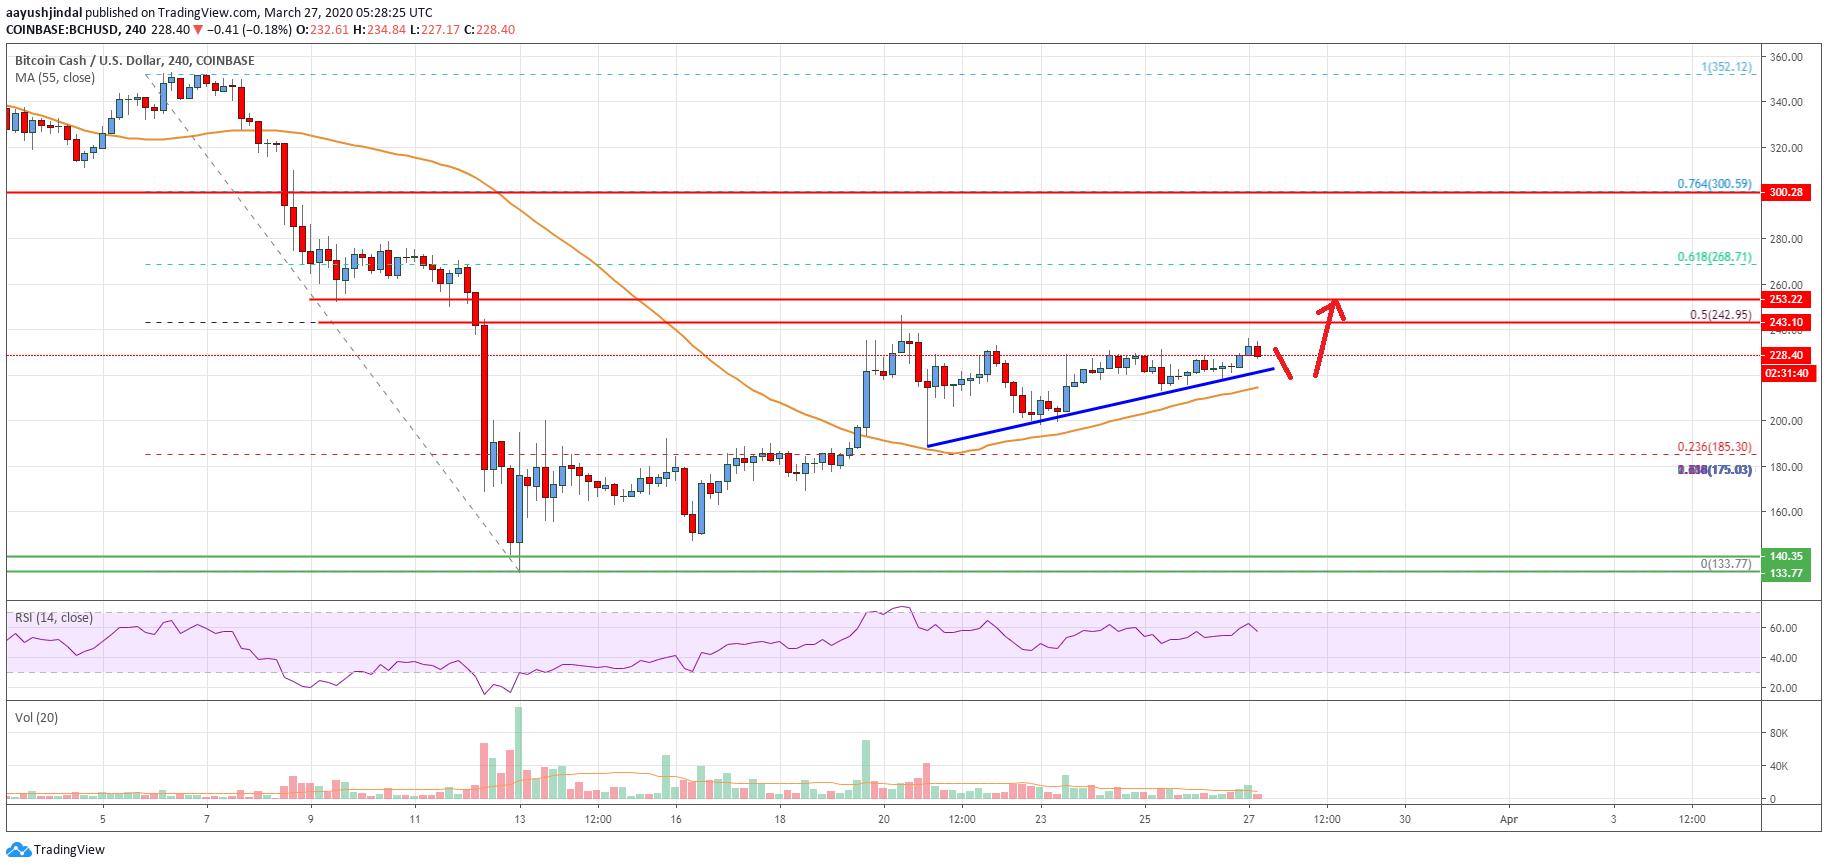 Bitcoin Cash Analysis: Bulls Facing Strong Breakout Resistance